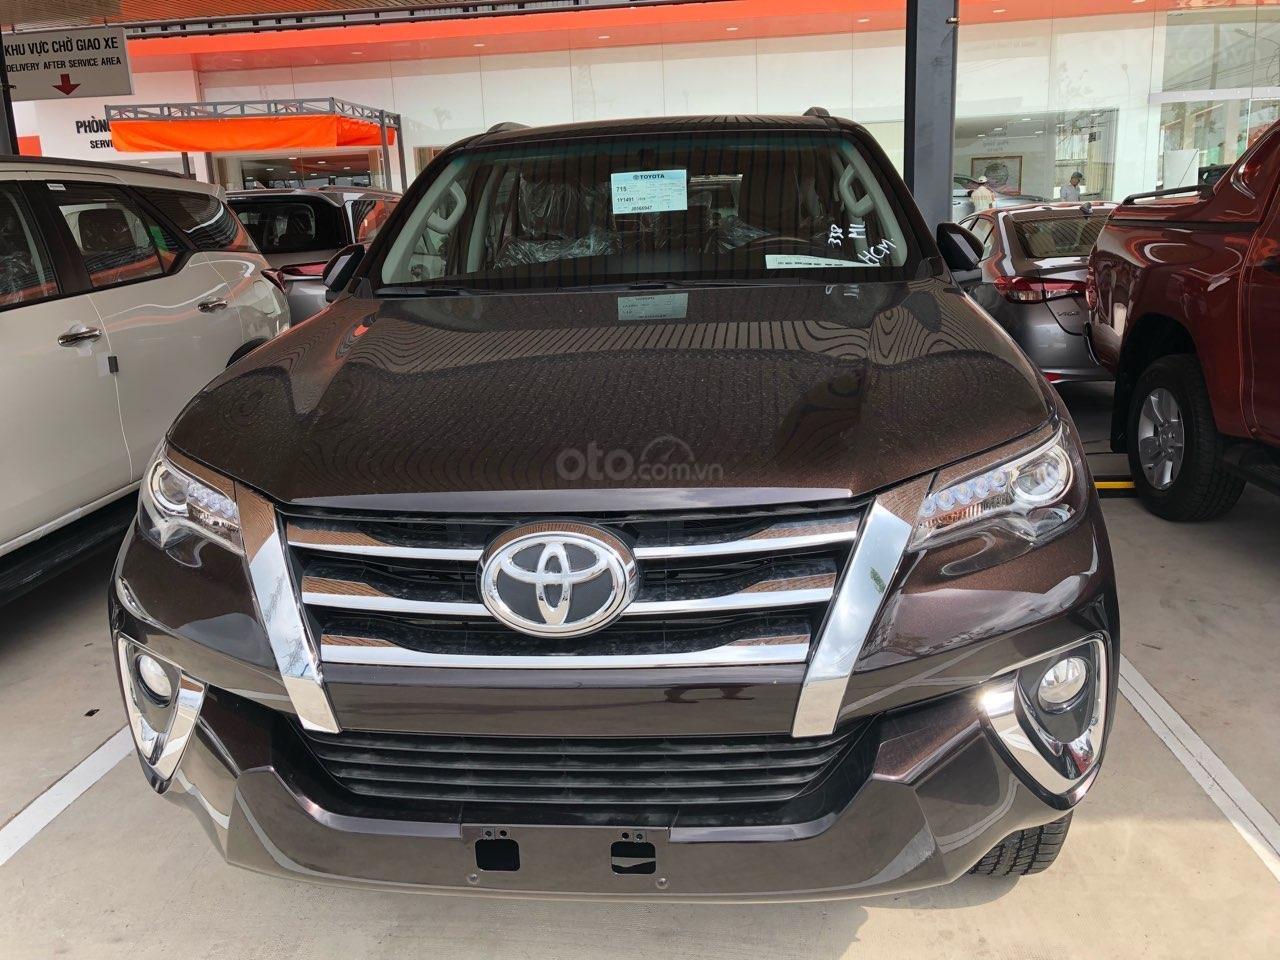 Toyota Fortuner 2.8 AT (4X4) máy dầu, năm sản xuất 2019, màu đen, nhập khẩu nguyên chiếc-0